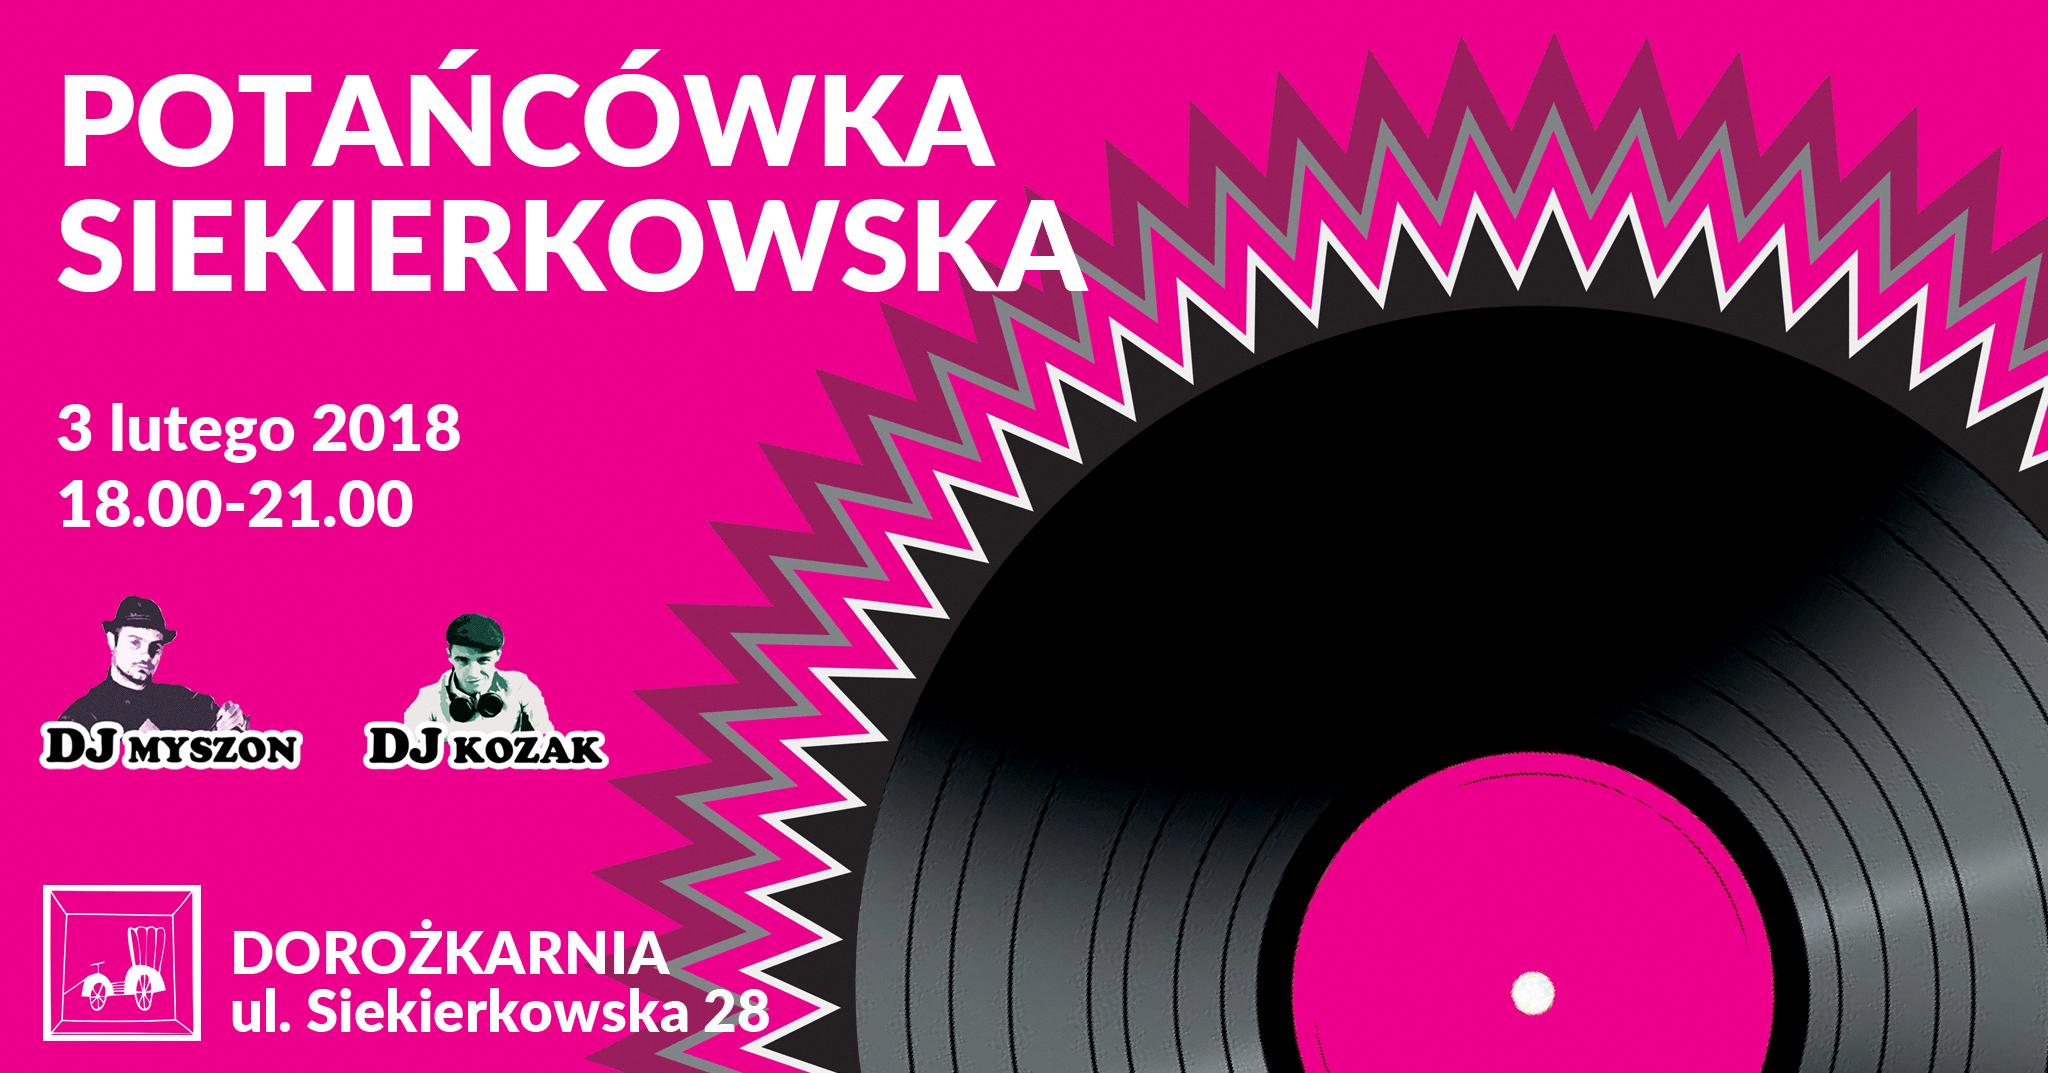 potancowka-baner-02-2018